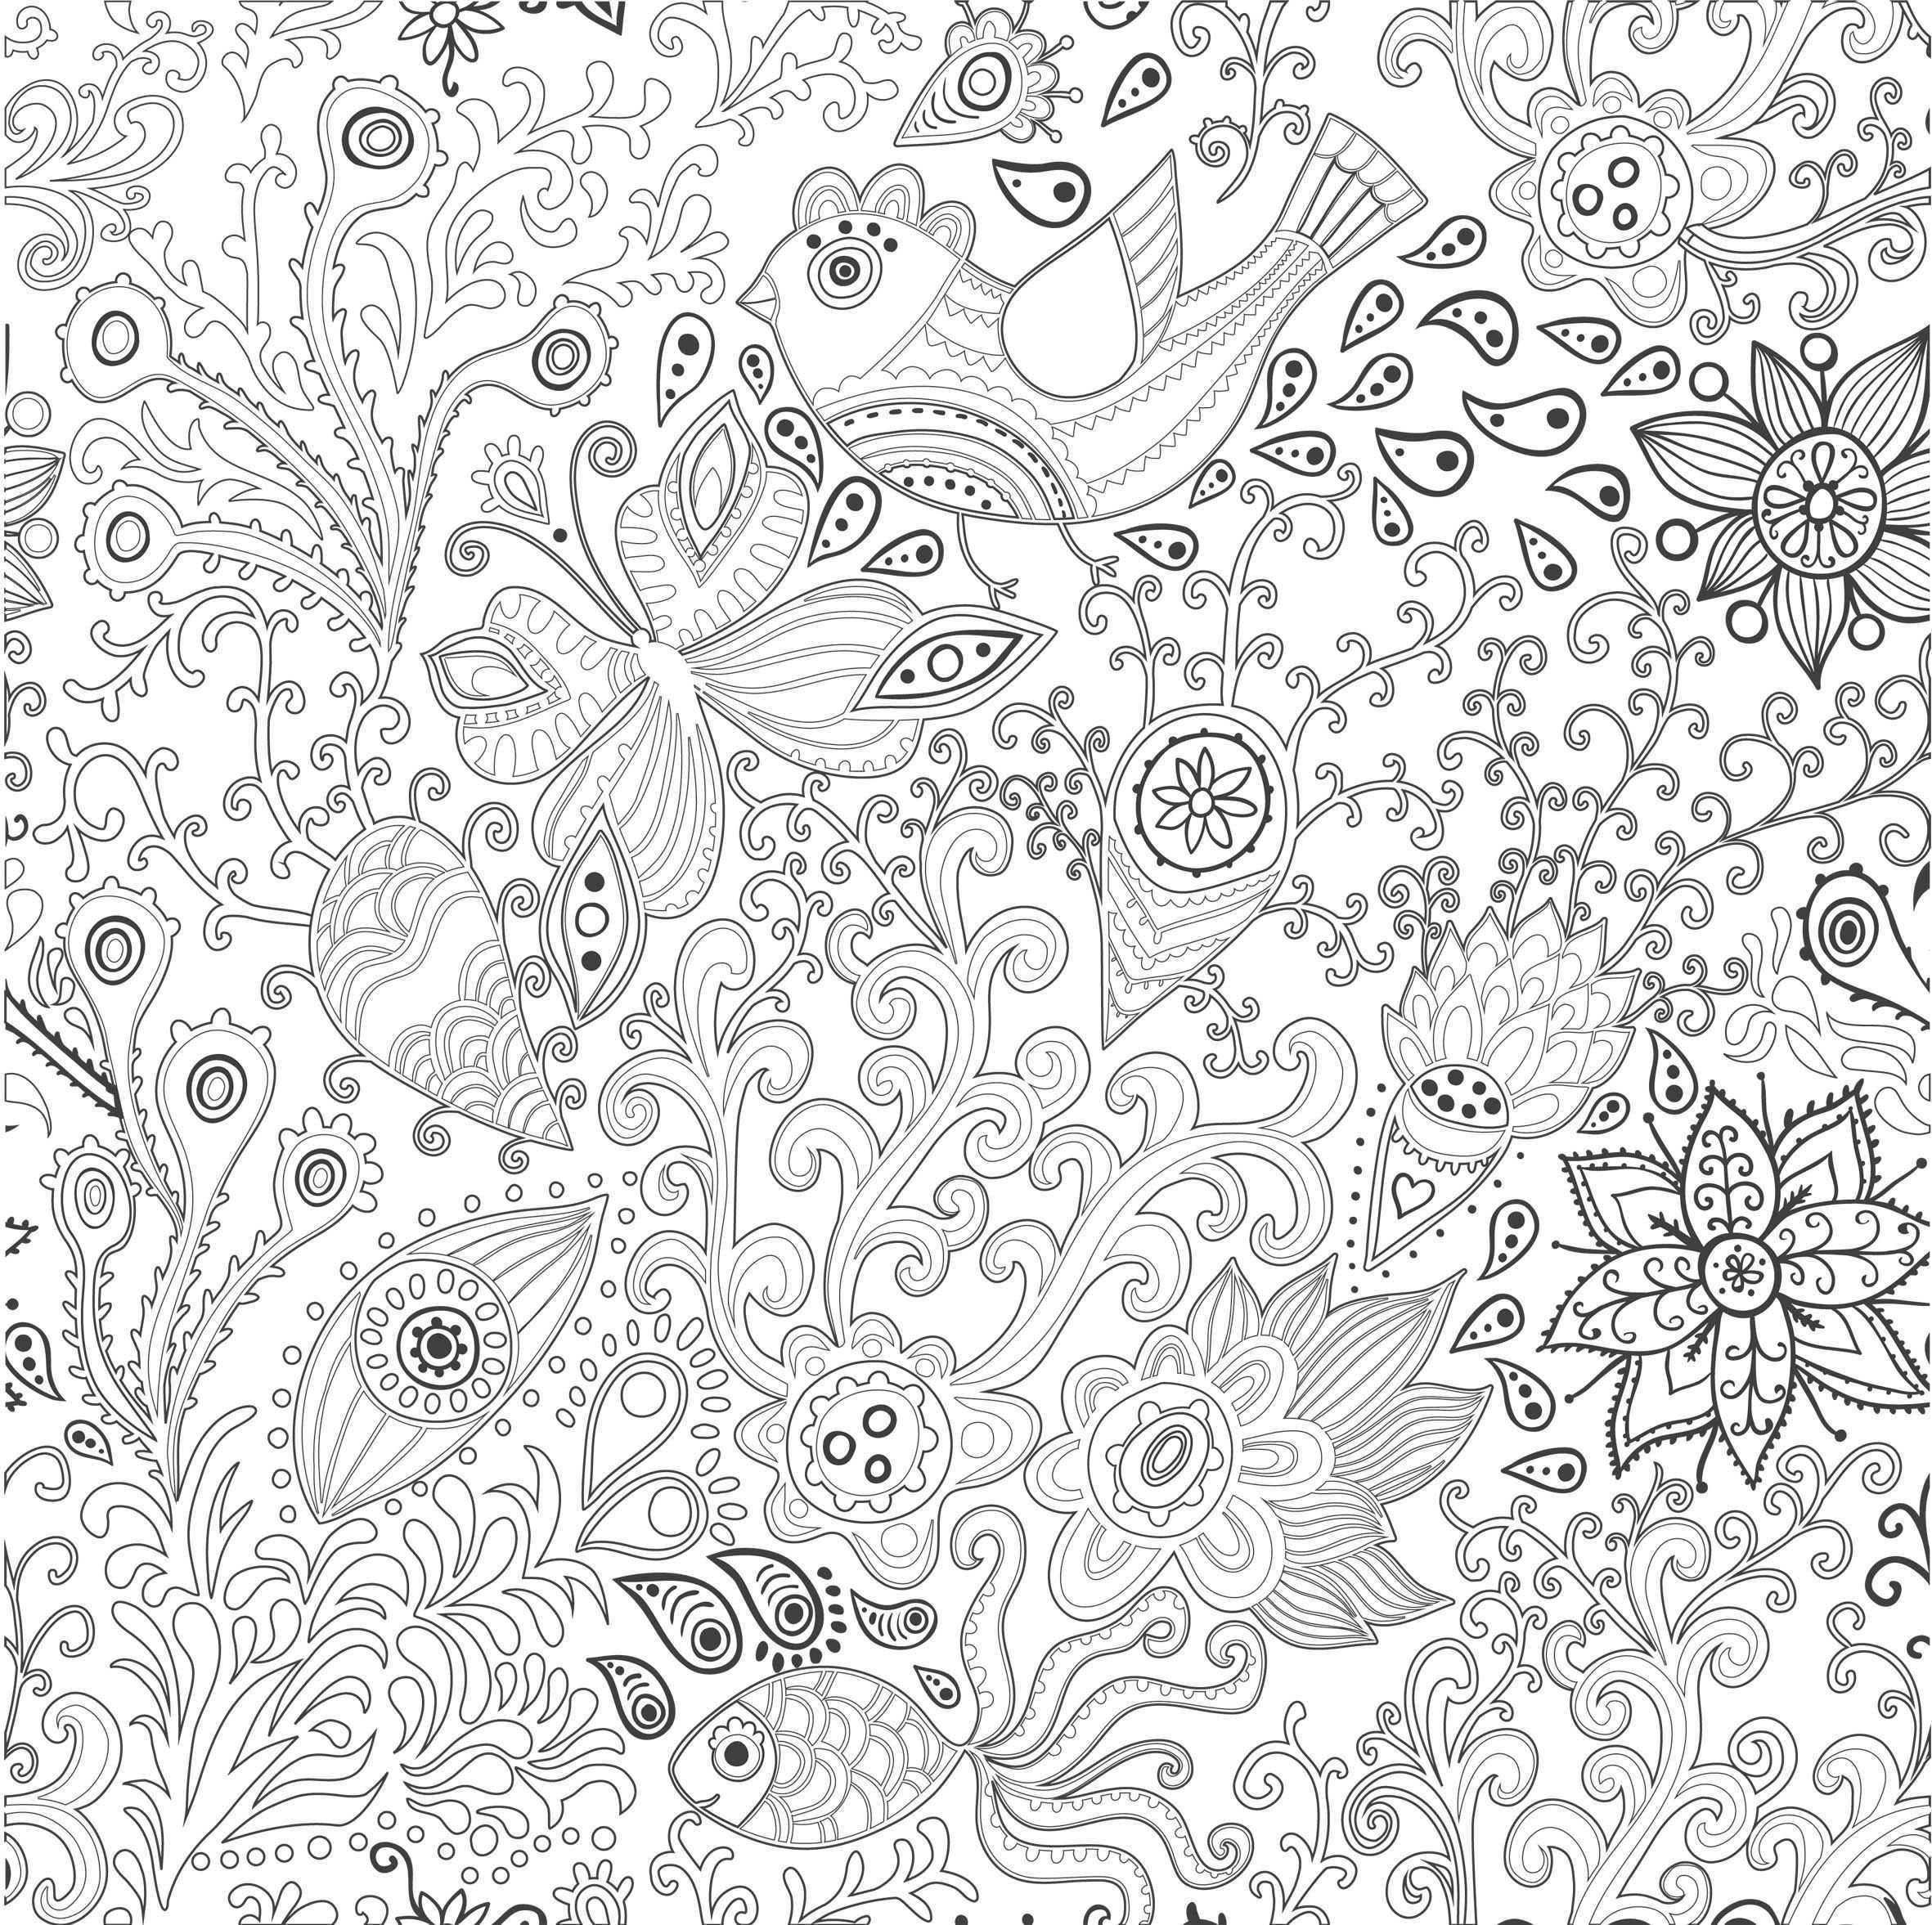 Afbeeldingsresultaat Voor Kleurplaten Voor Volwassenen Herfst Kleuren Kleurboek Mandala Kleurplaten